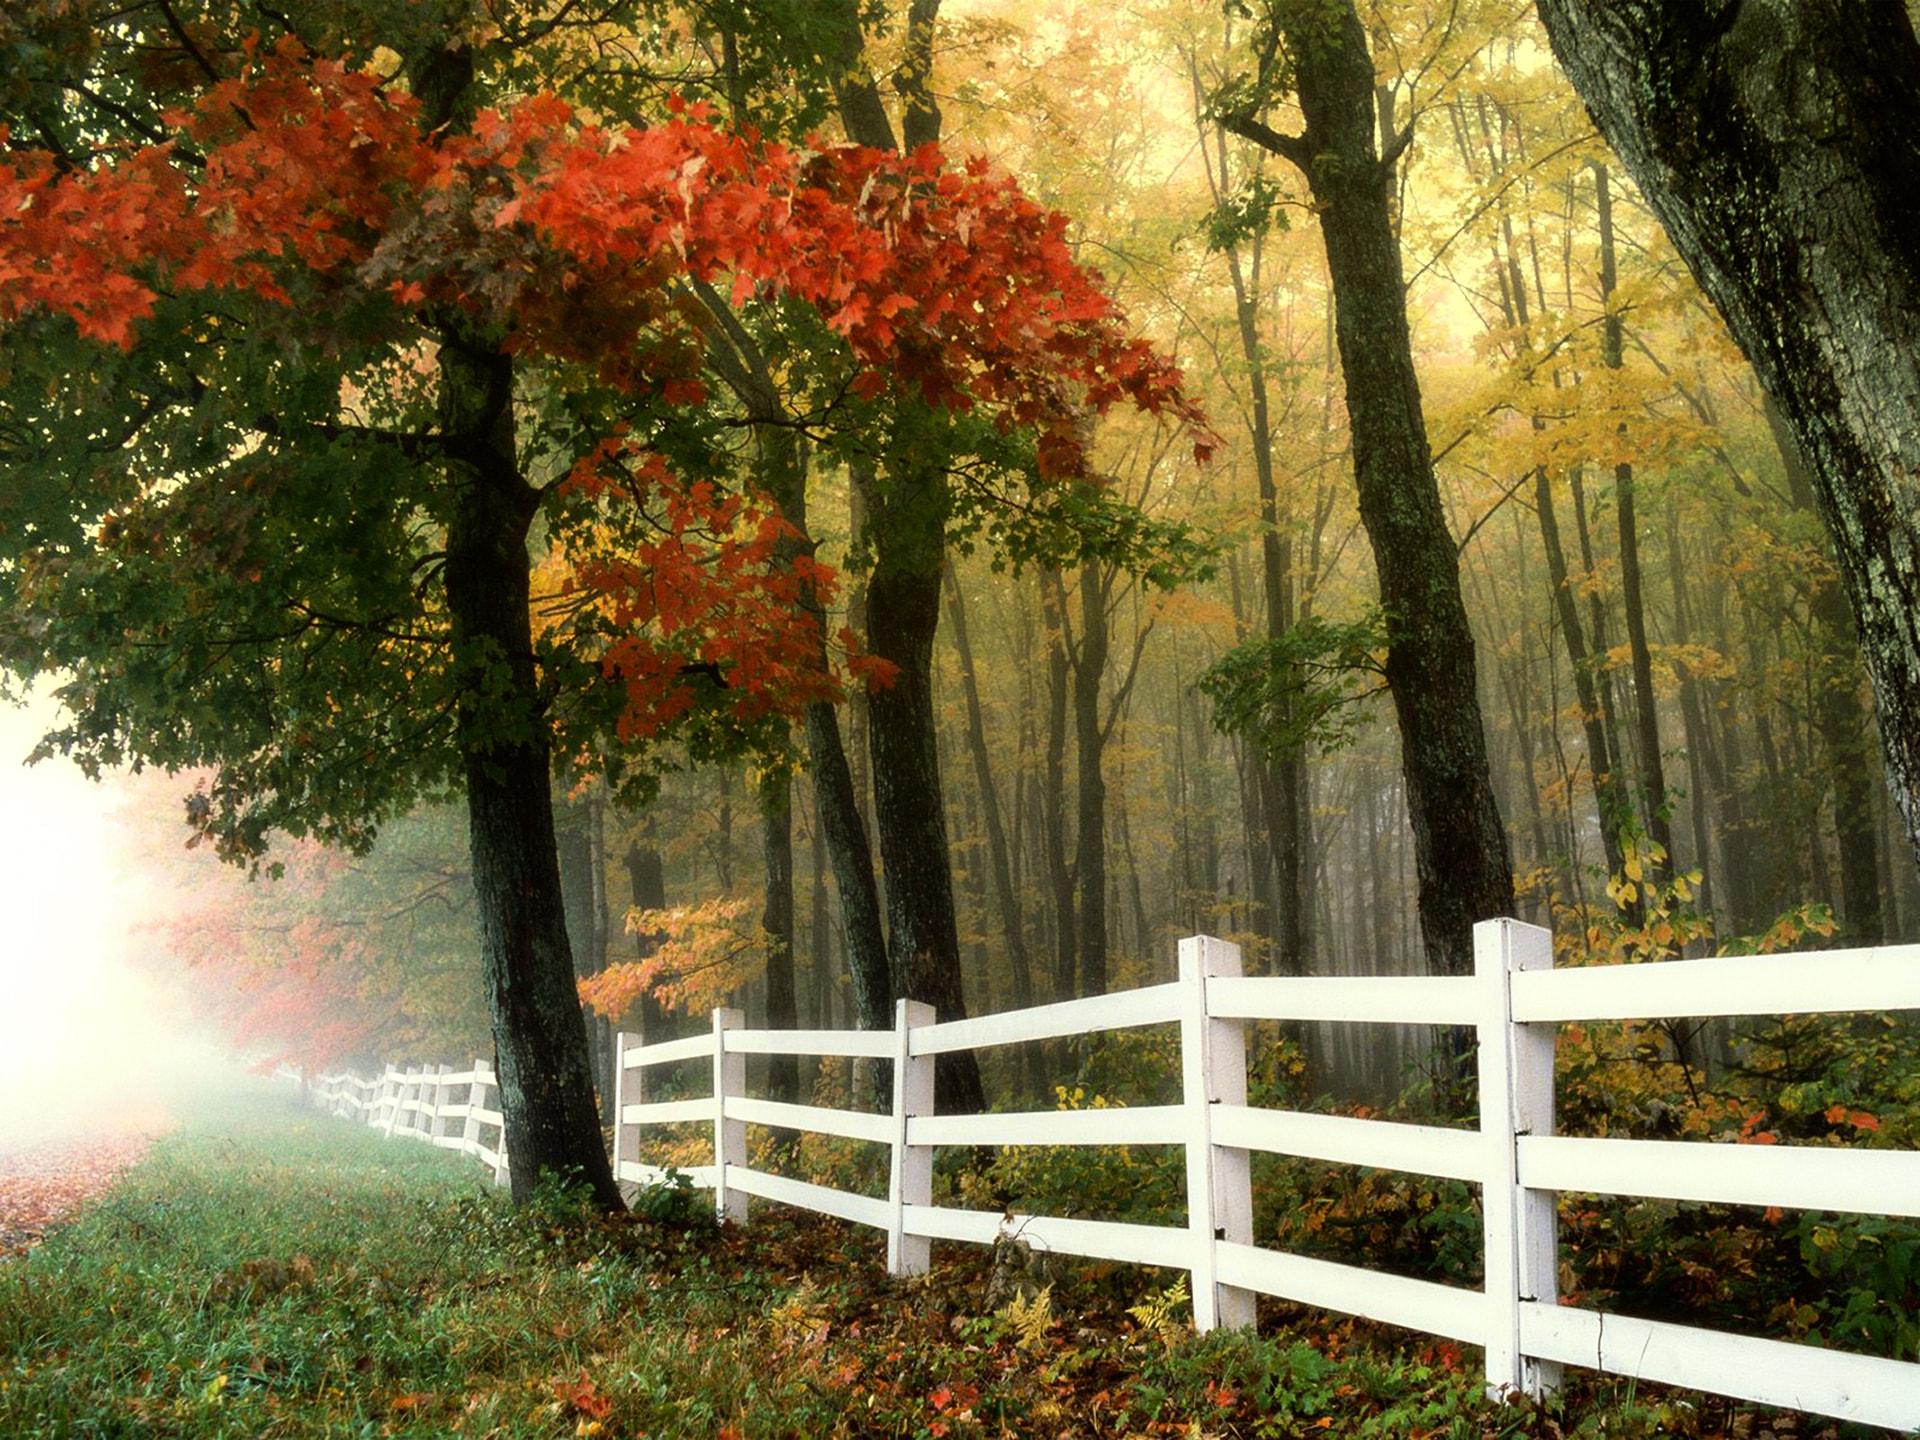 秋の壁紙事例集 フリーで使えるpc スマホ用の画像まとめ